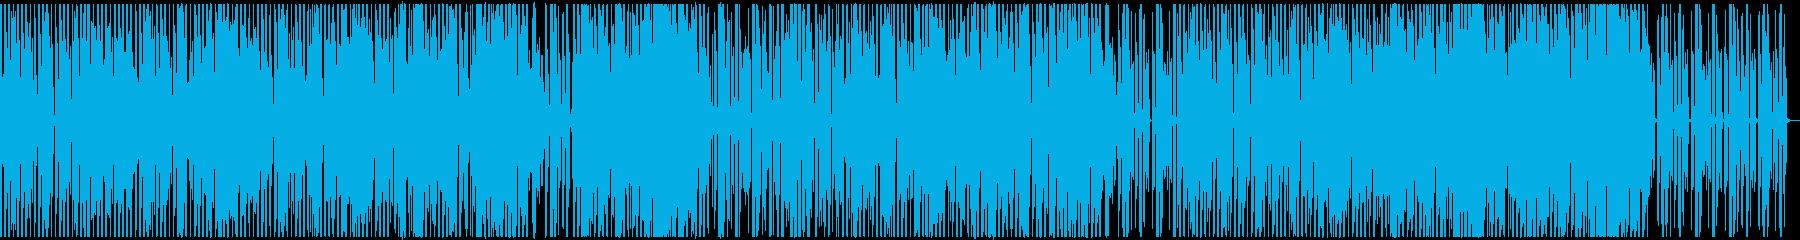 【歌】ミニマル×英詩女性ボーカルポップスの再生済みの波形